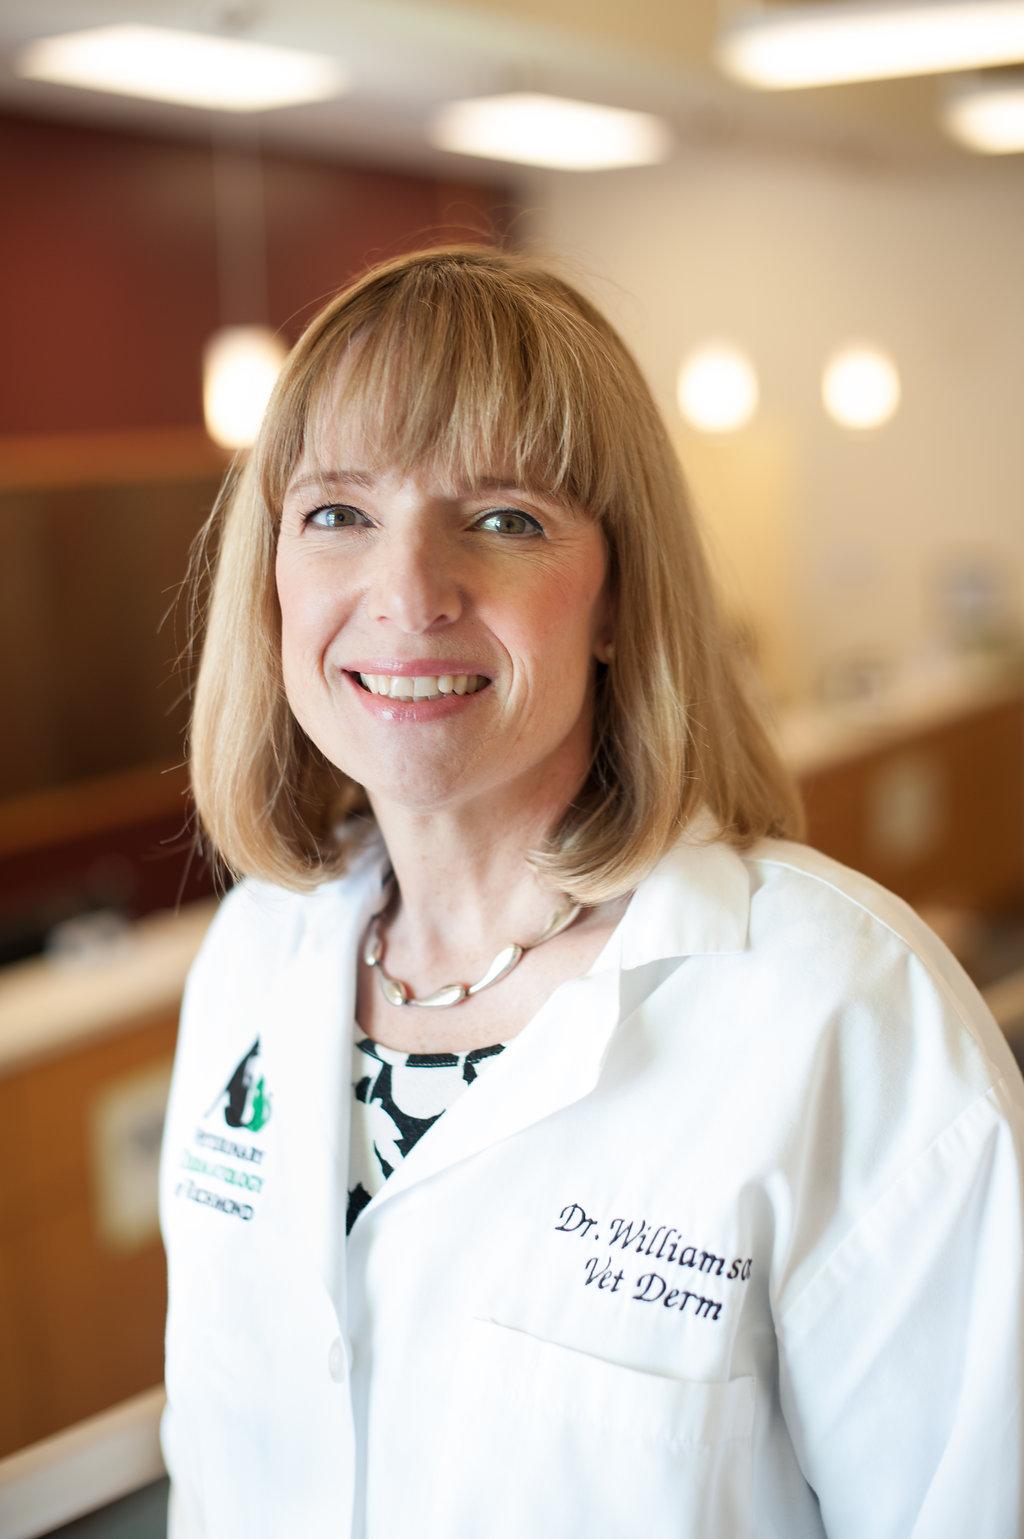 Dr. Williamson